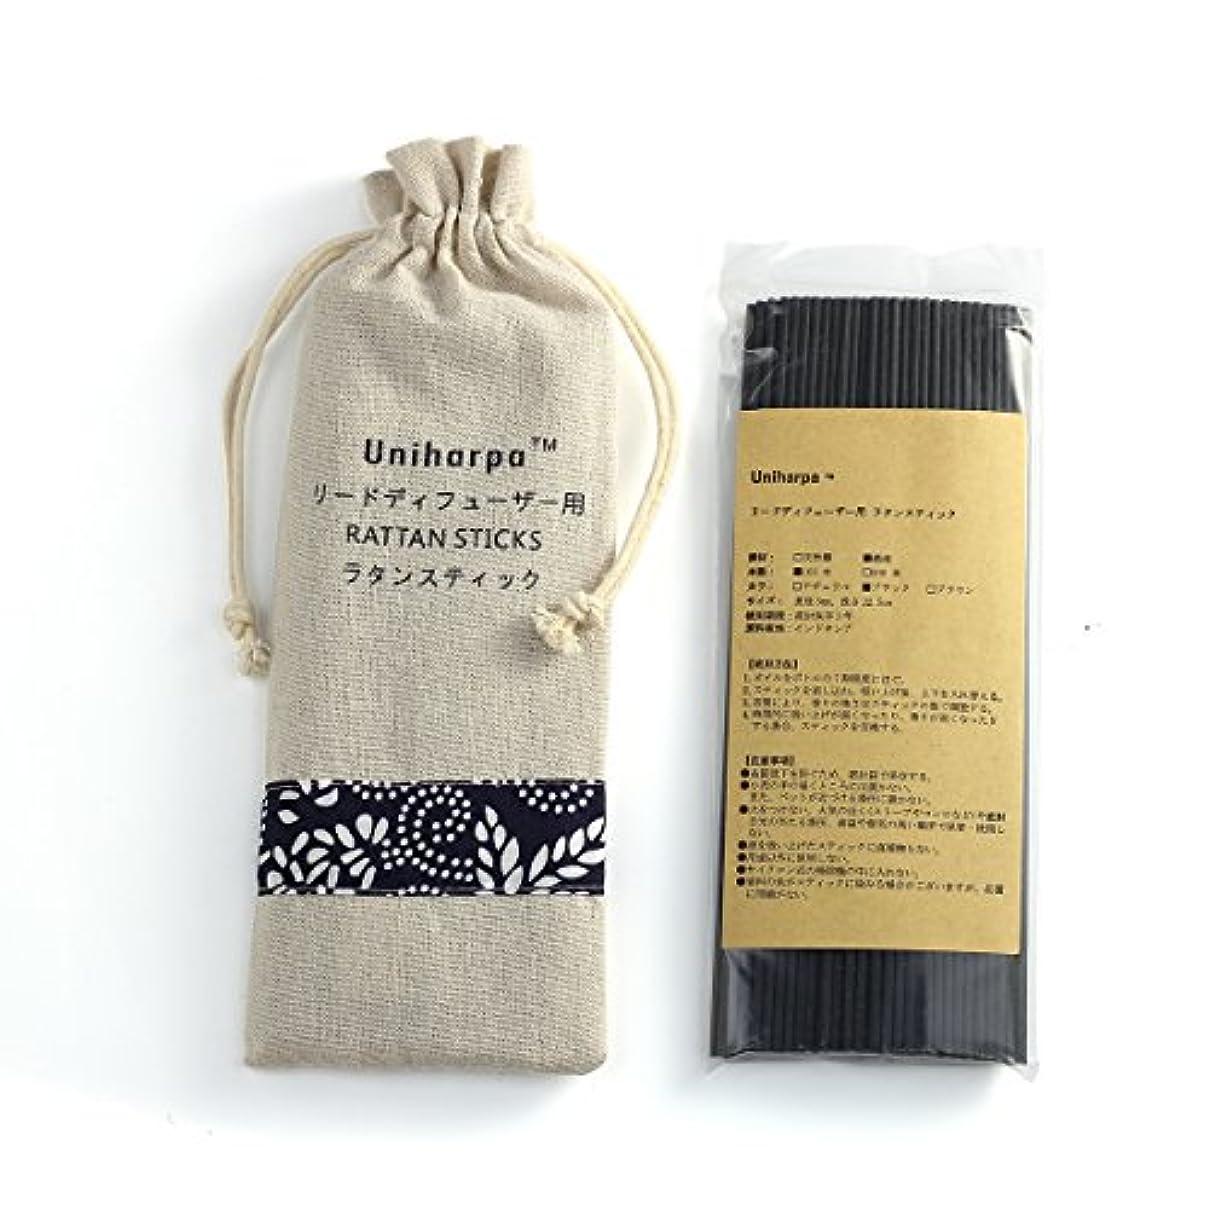 アデレードジョリー遷移リードディフューザー用 ラタンスティック/リードスティック リフィル 繊維素材 22.5cm 直径3mm 100本入 乾燥剤入り オリジナル旅行専用袋付 (ブラック)